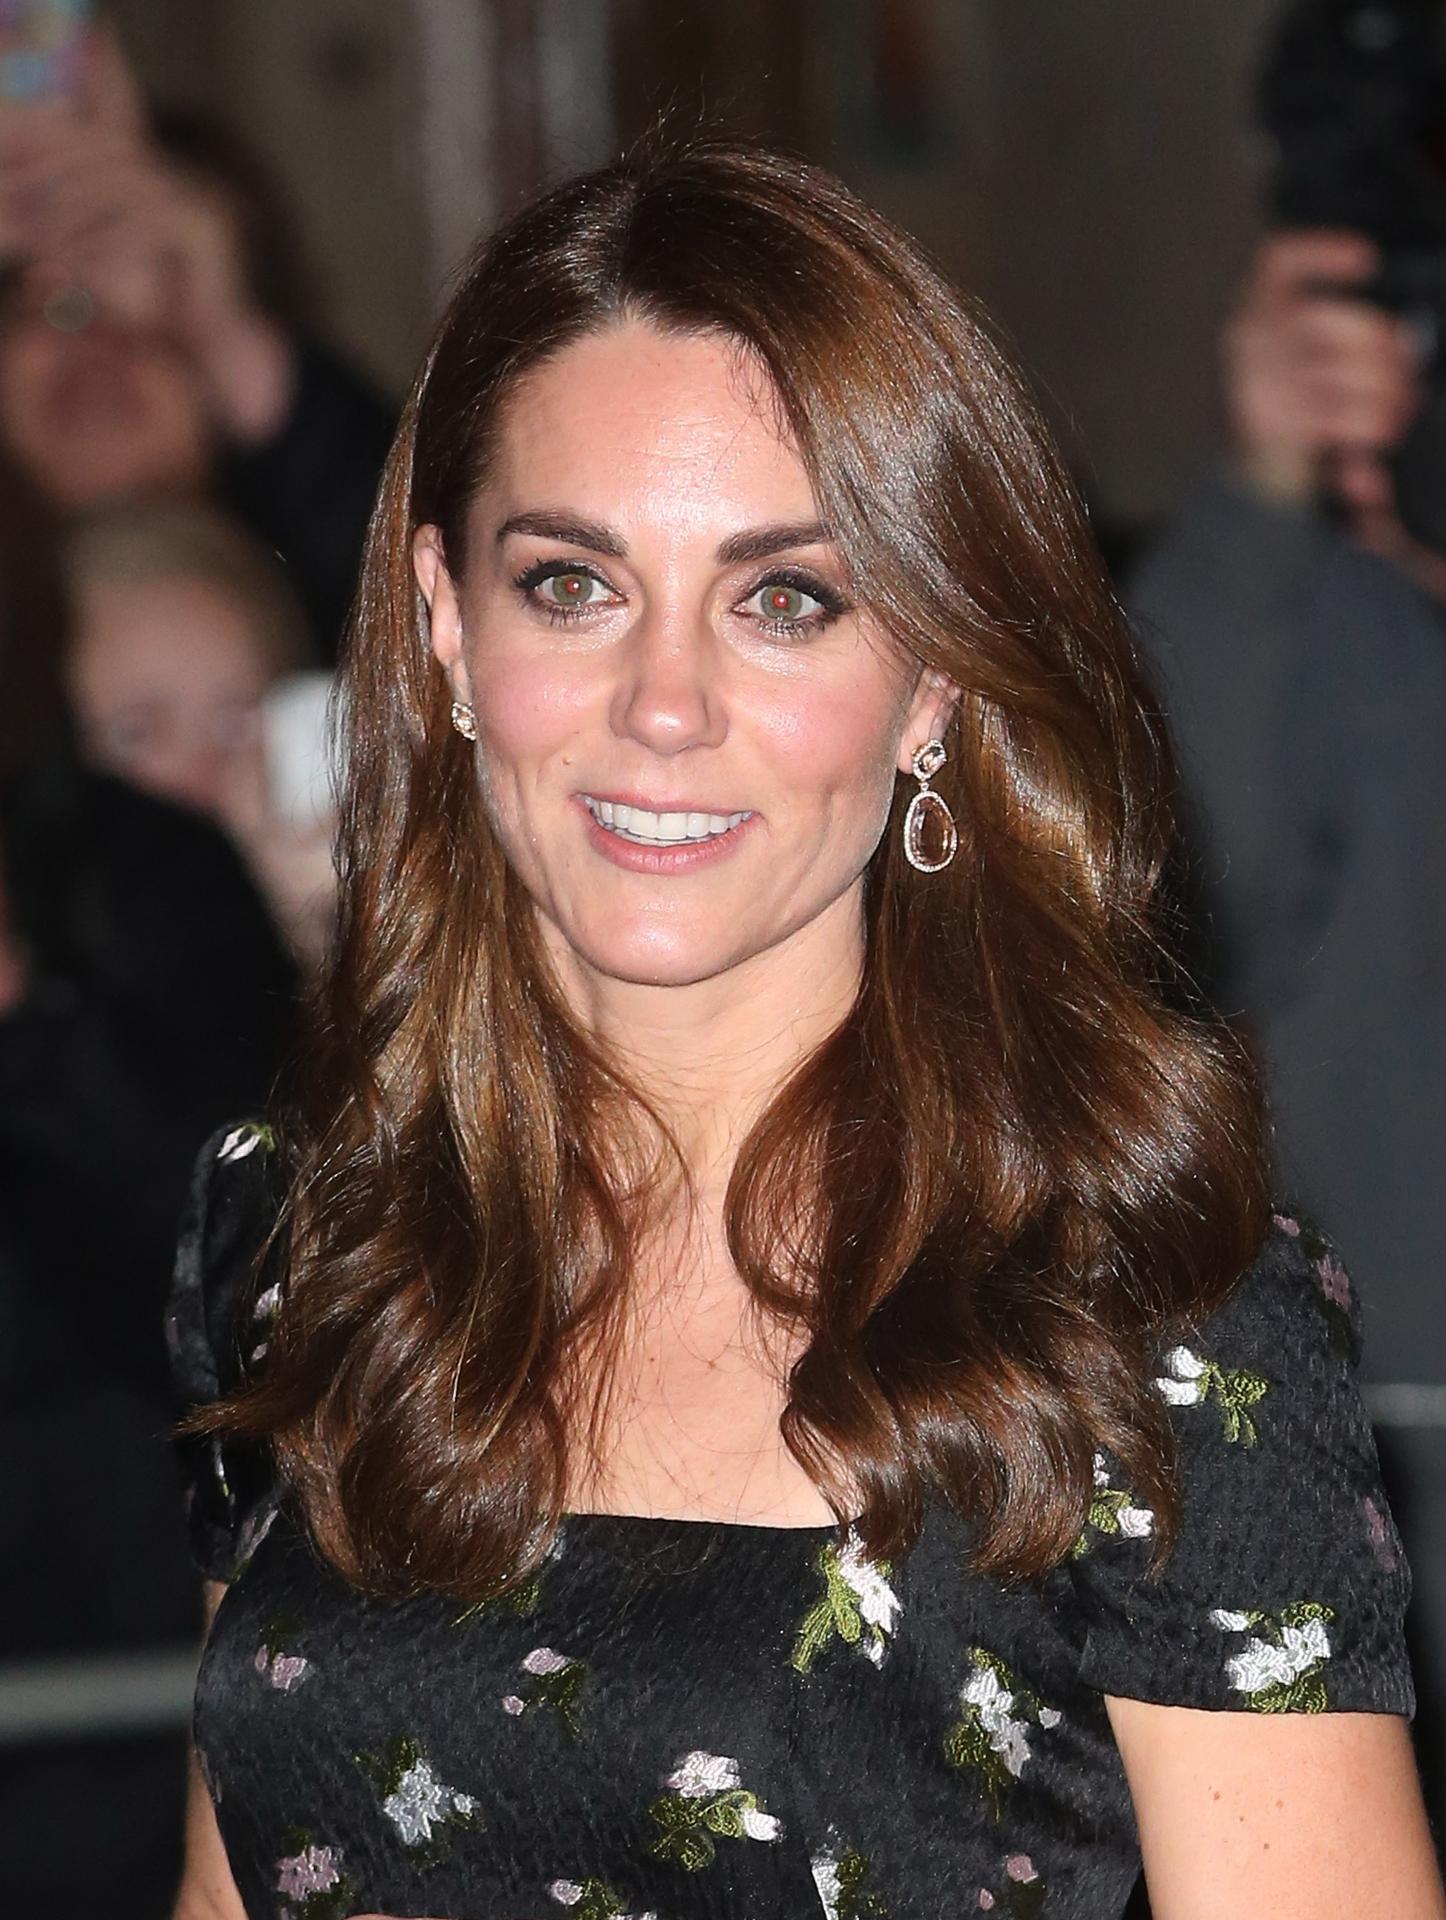 Este Kate Middleton însărcinată din nou (3)